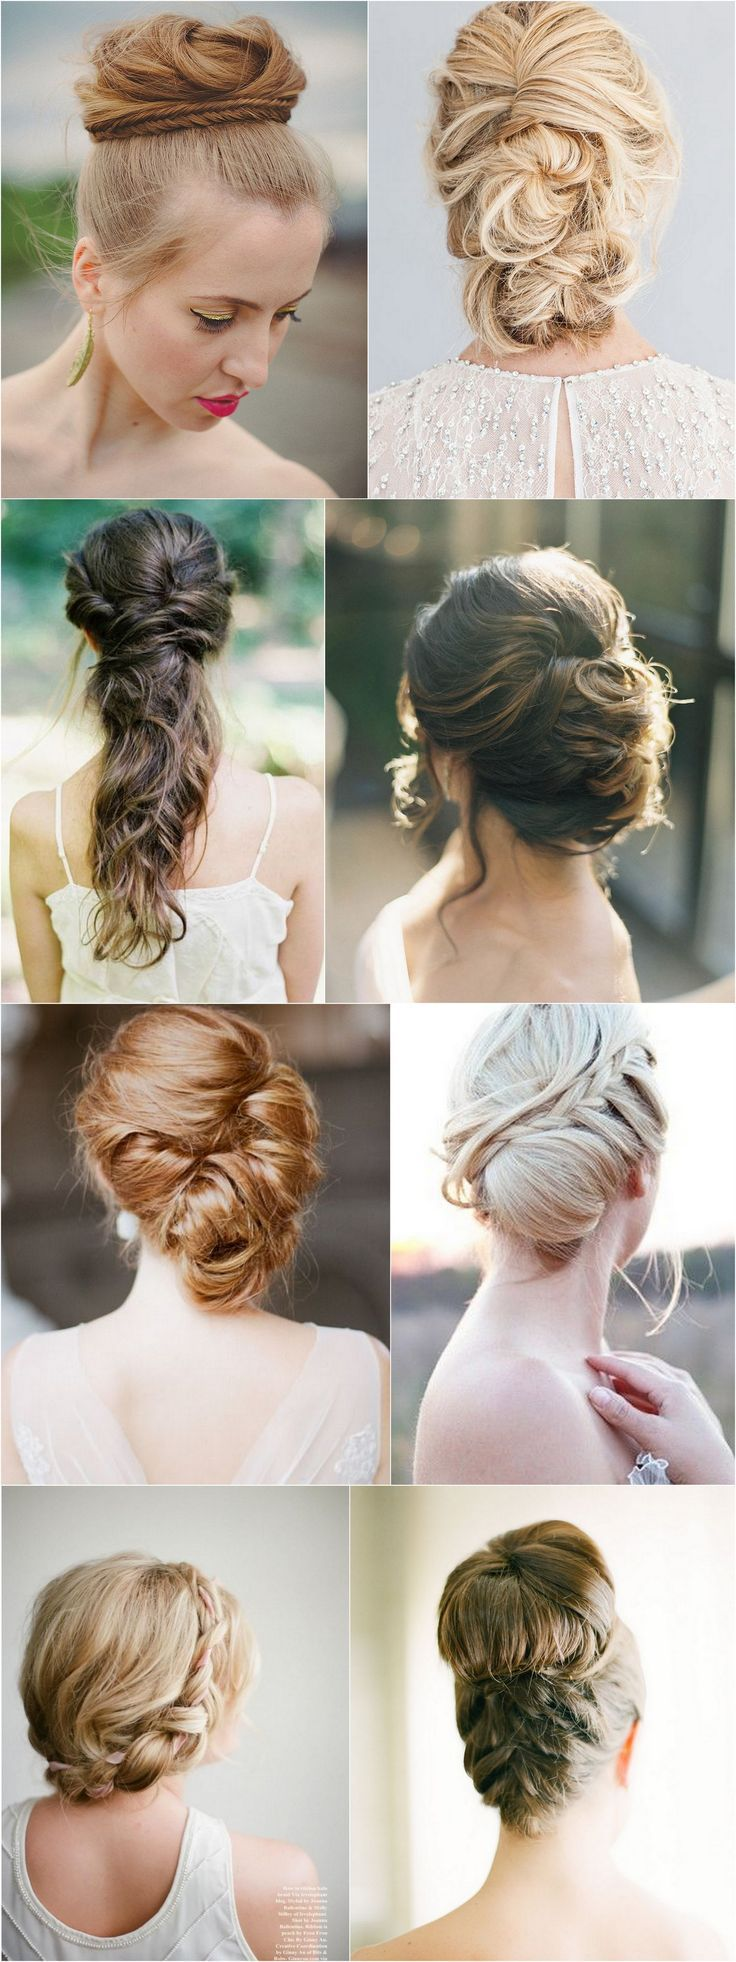 Máte dlouhé vlasy? Zapomeňte na zlakované kudrlinky a perličky v drdolu. Svatební účesy pro vaši inspiraci právě na blogu.